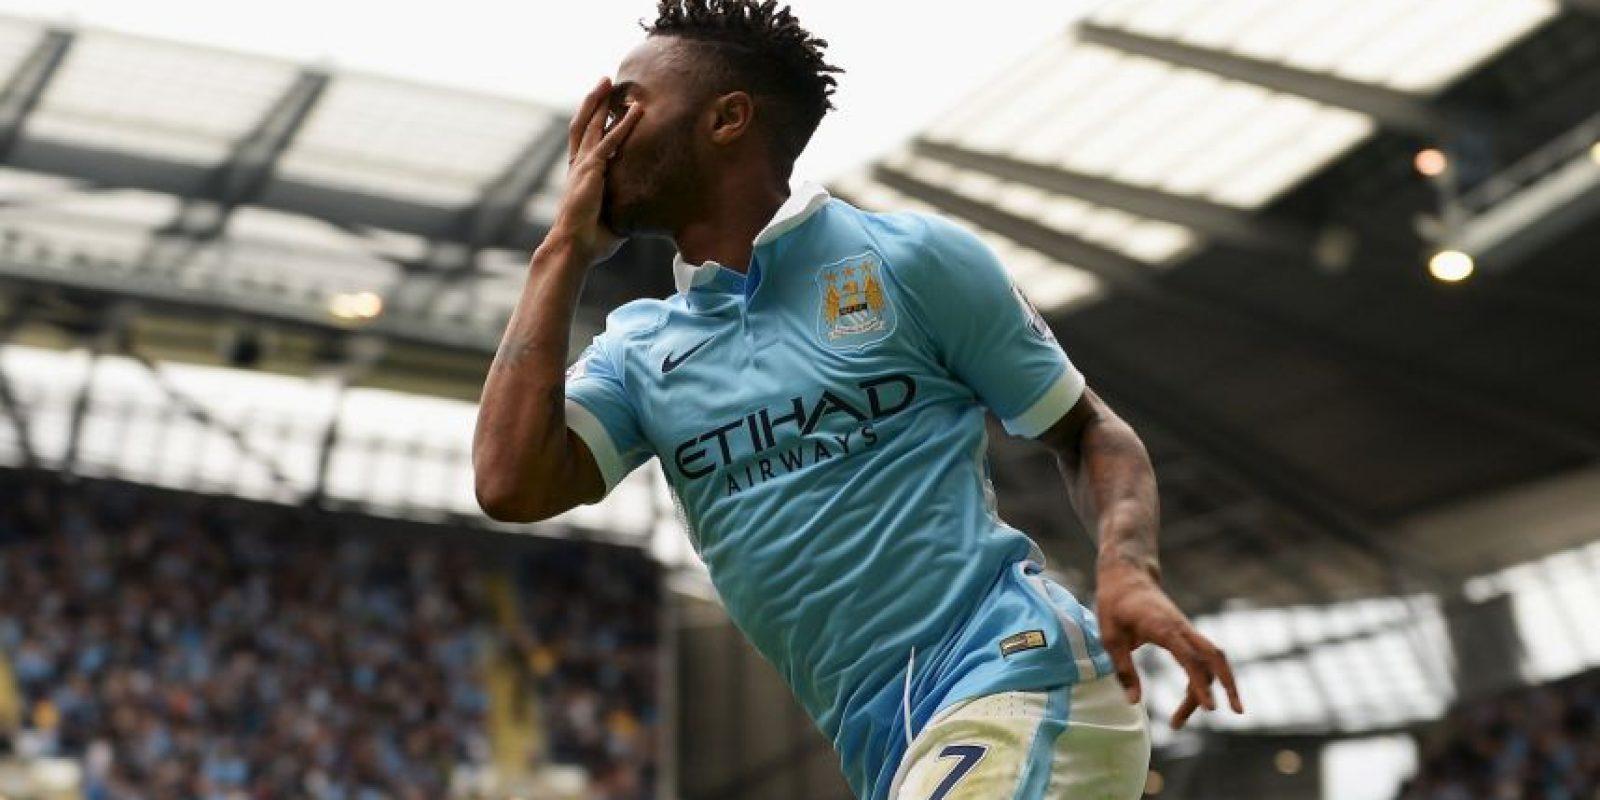 Dejó el Liverpool para ir al Manchester City, que lo compró por 62.5 milones de euros Foto:Getty Images